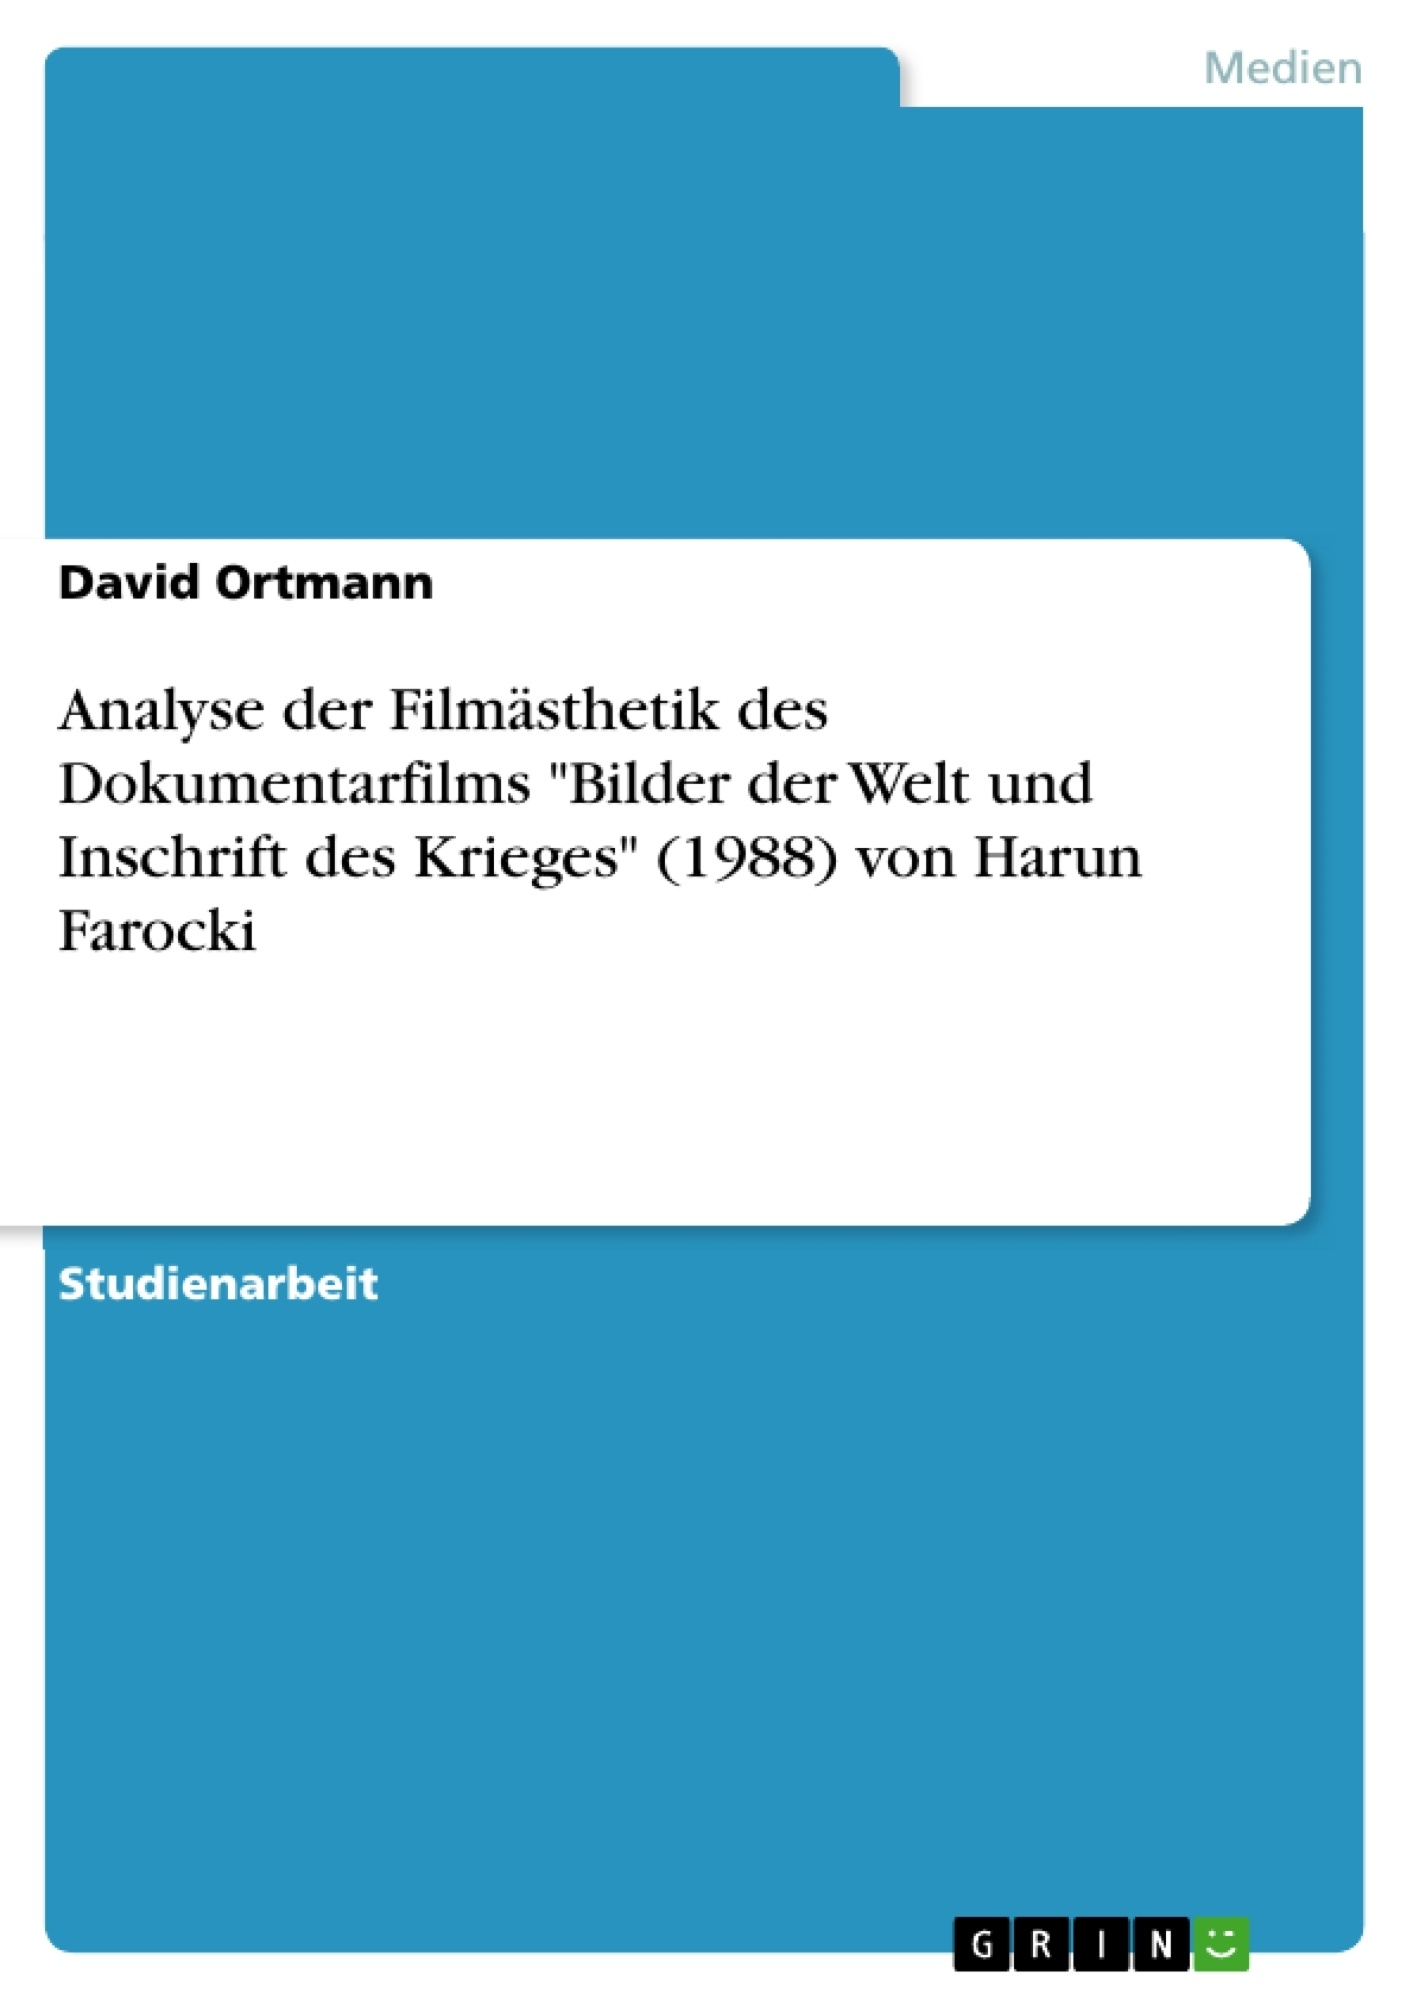 """Titel: Analyse der Filmästhetik des Dokumentarfilms """"Bilder der Welt und Inschrift des Krieges"""" (1988) von Harun Farocki"""